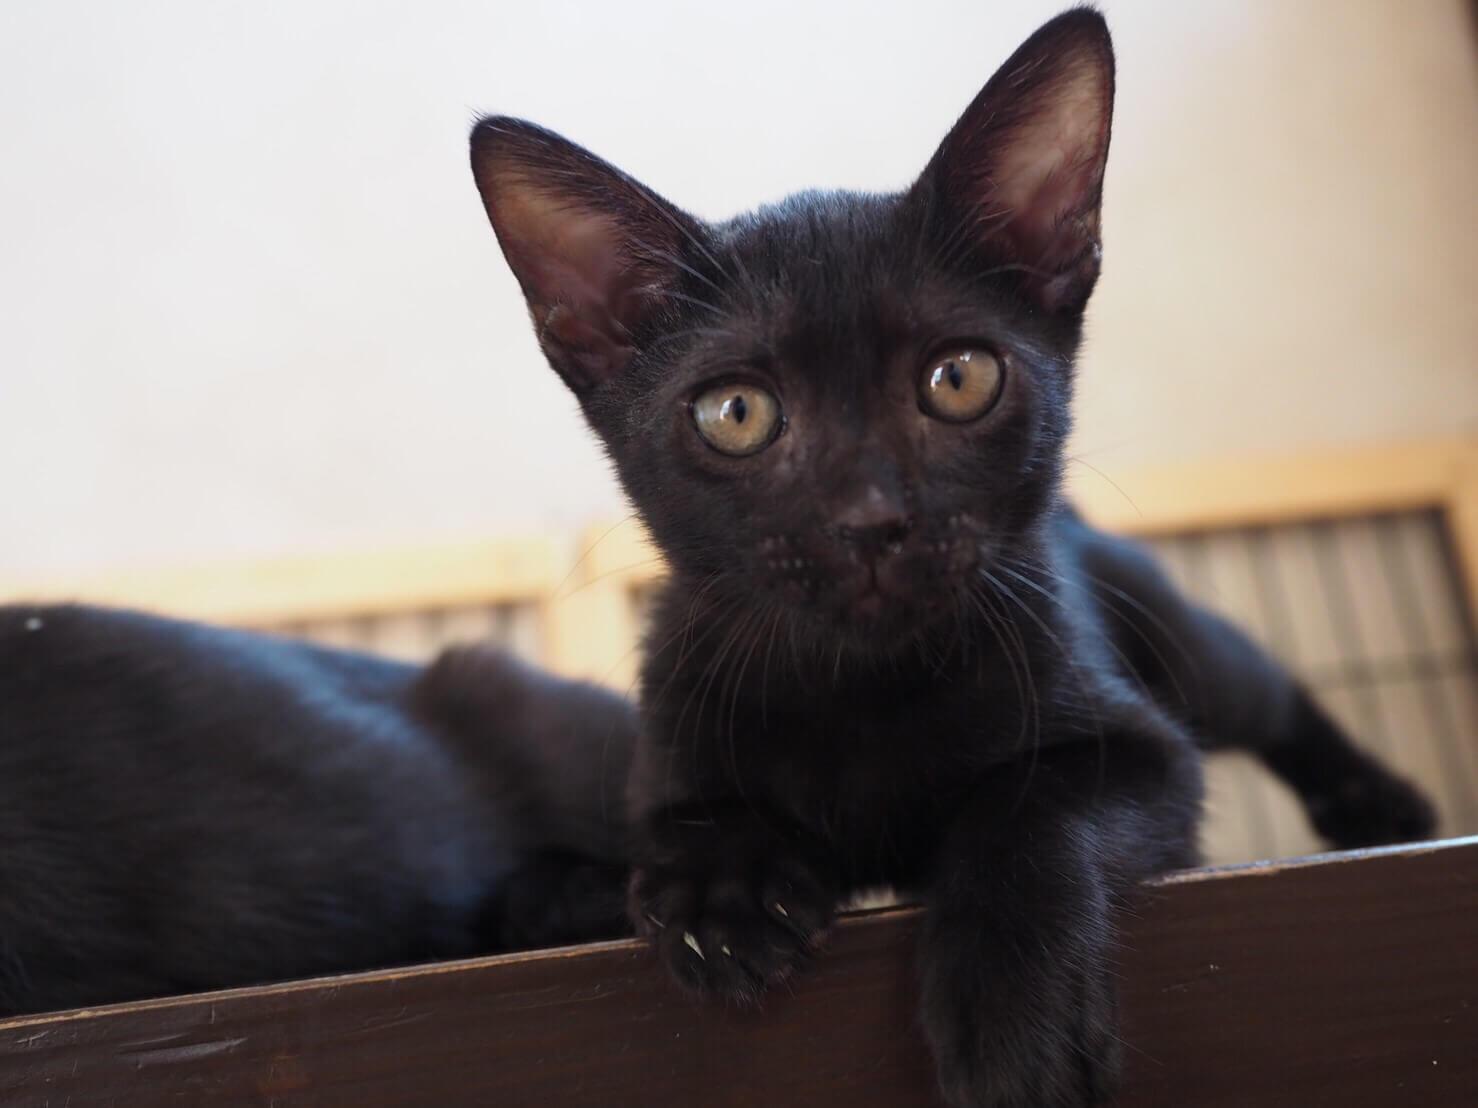 活発やんちゃっ子な黒猫さん